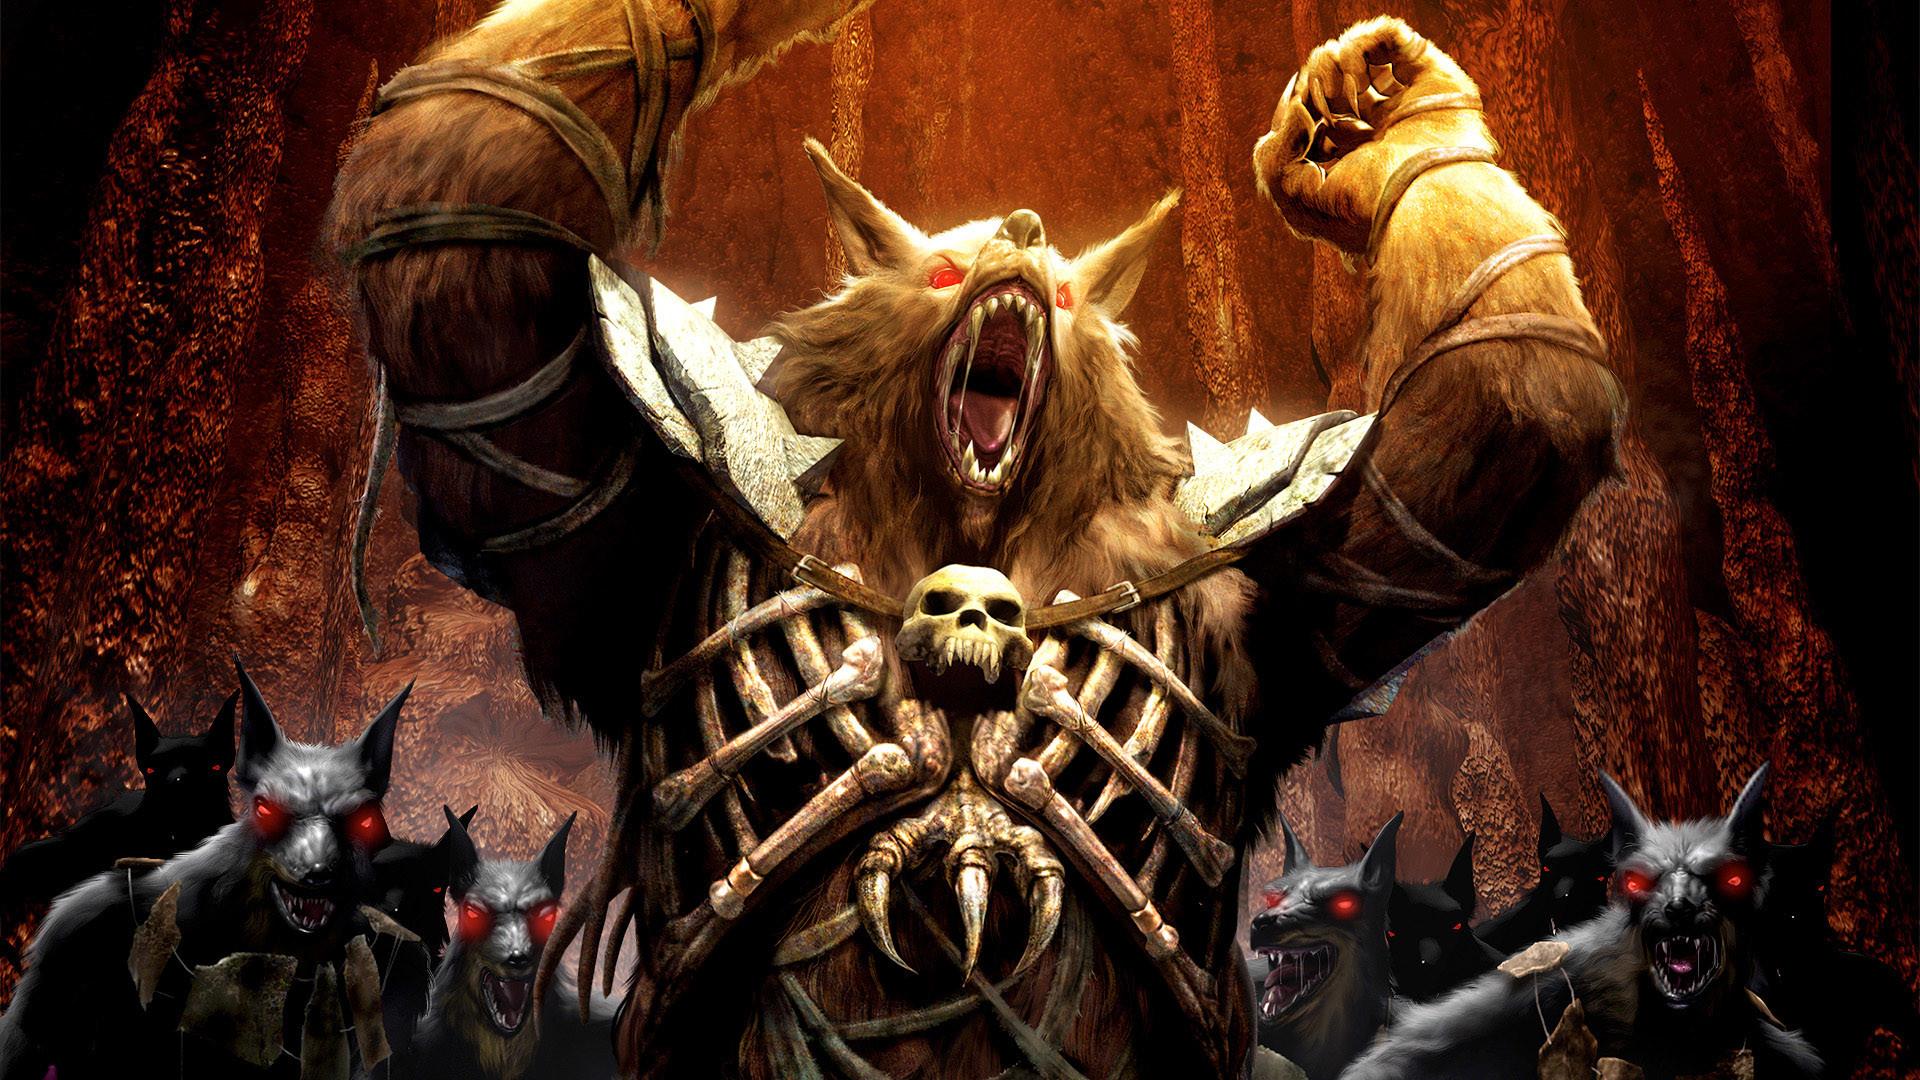 Dark Werewolf Wolf Warrior Fantasy Wallpaper